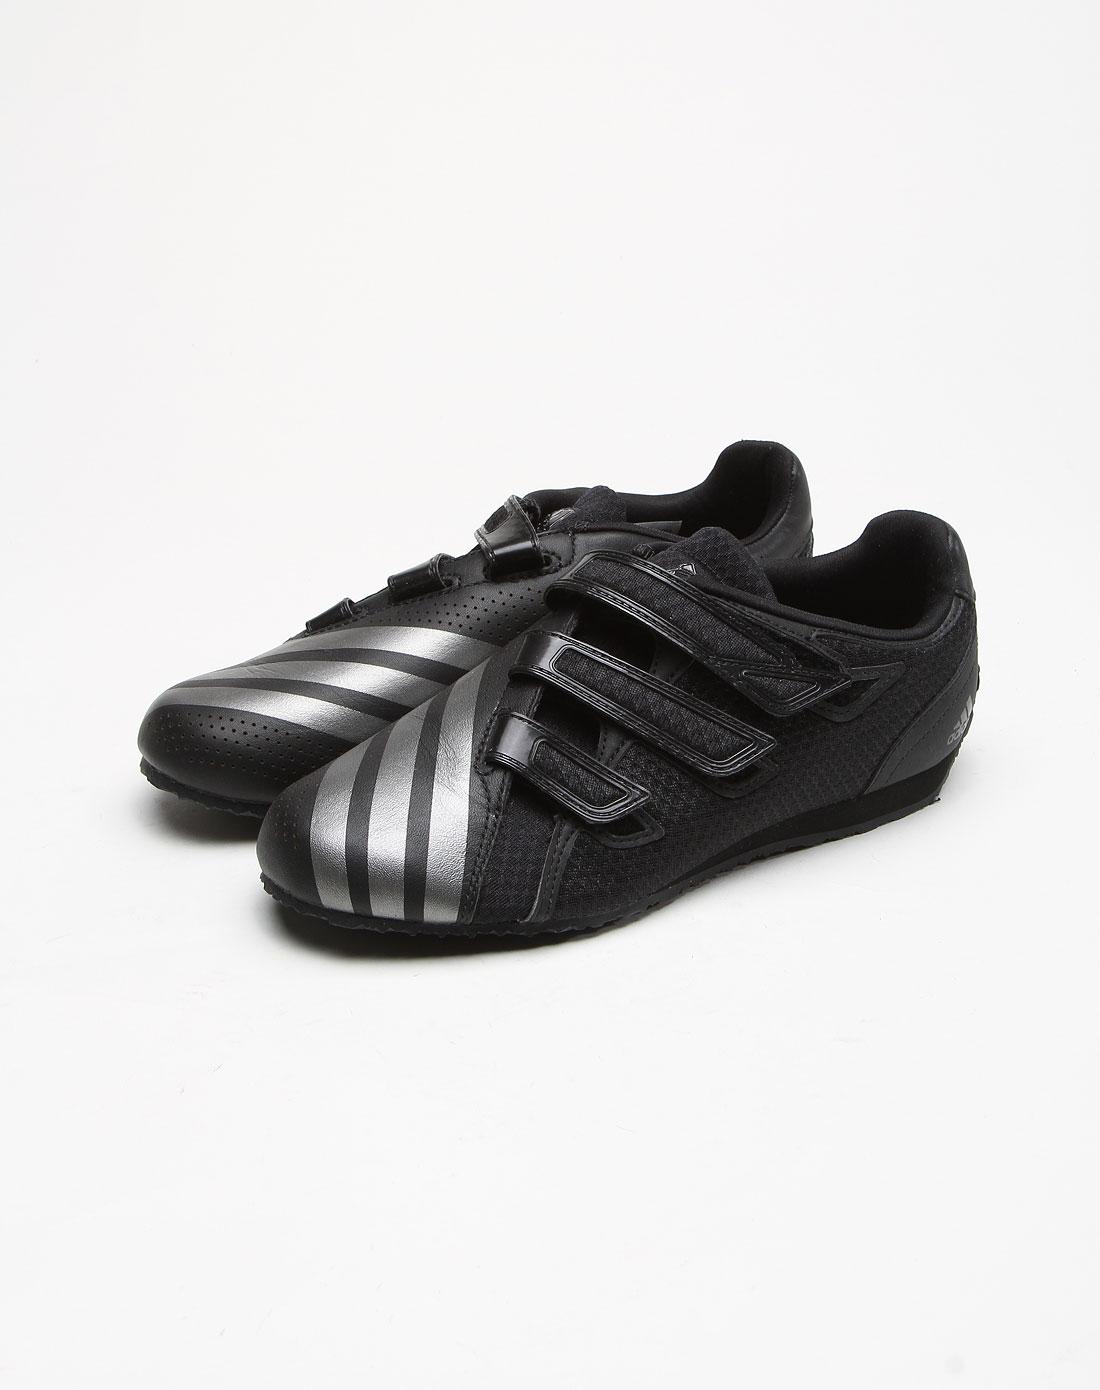 阿迪达斯adidas男女鞋时尚魔术贴黑色训练鞋g42738